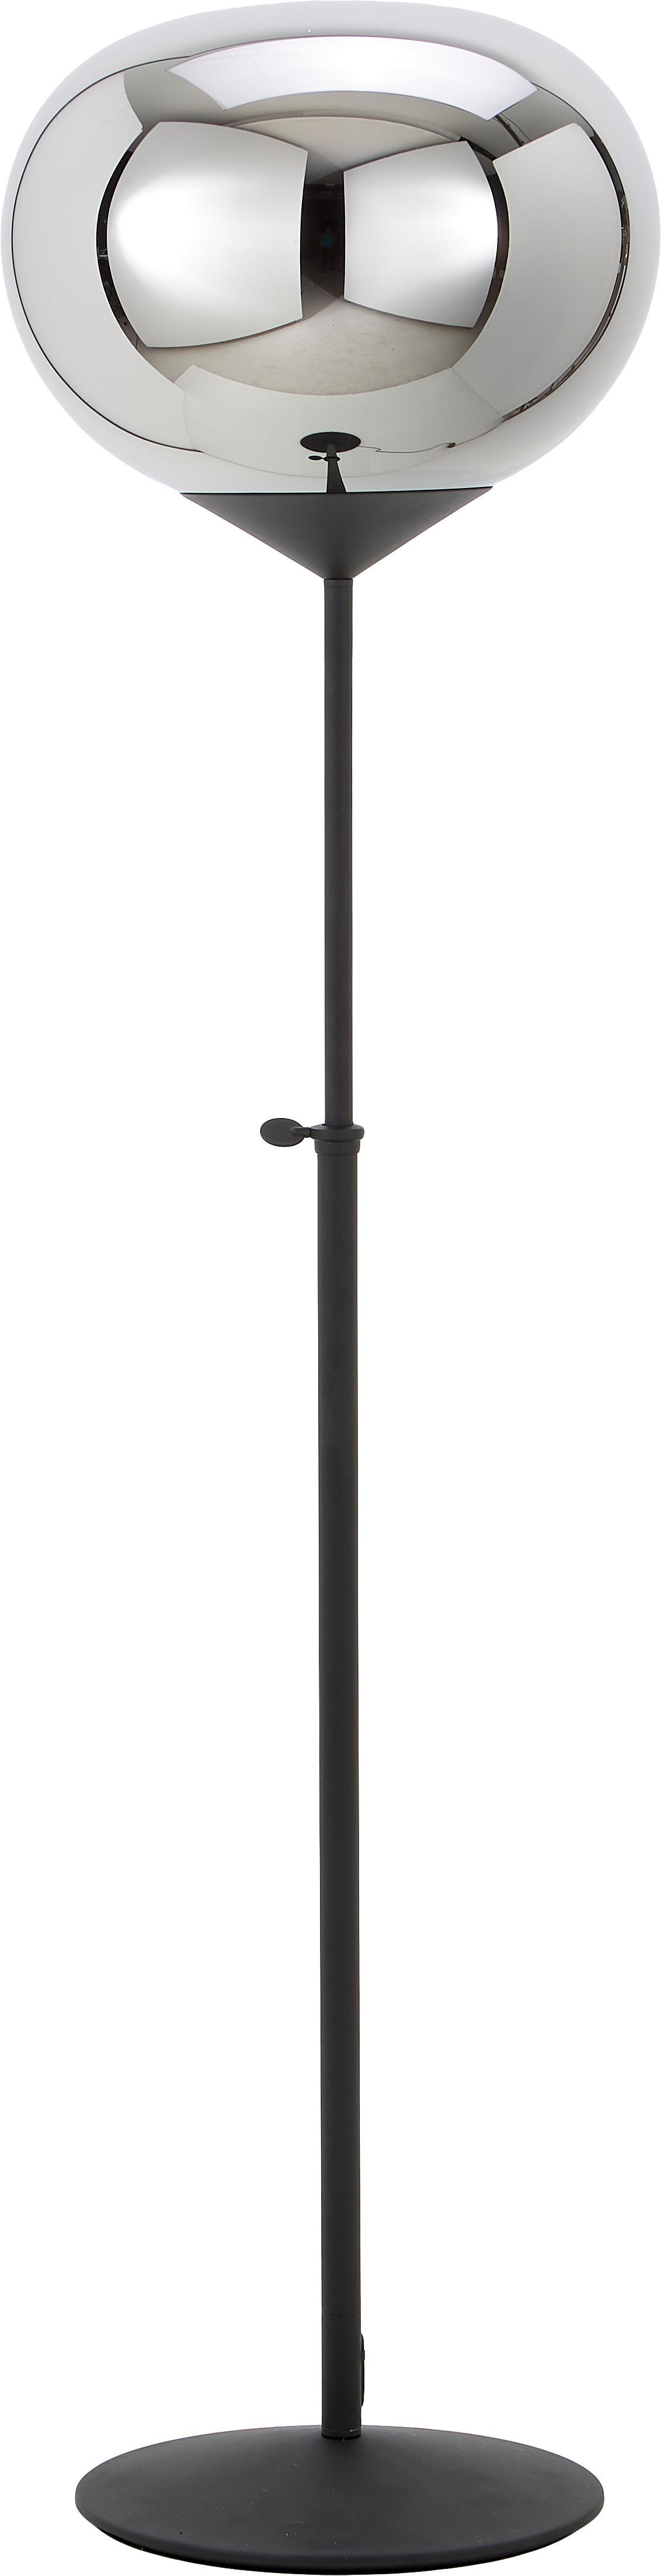 Lámpara de pie Drop, Pantalla: vidrio cromado, Cable: plástico, Cromo, negro, Ø 36 x Al 164 cm